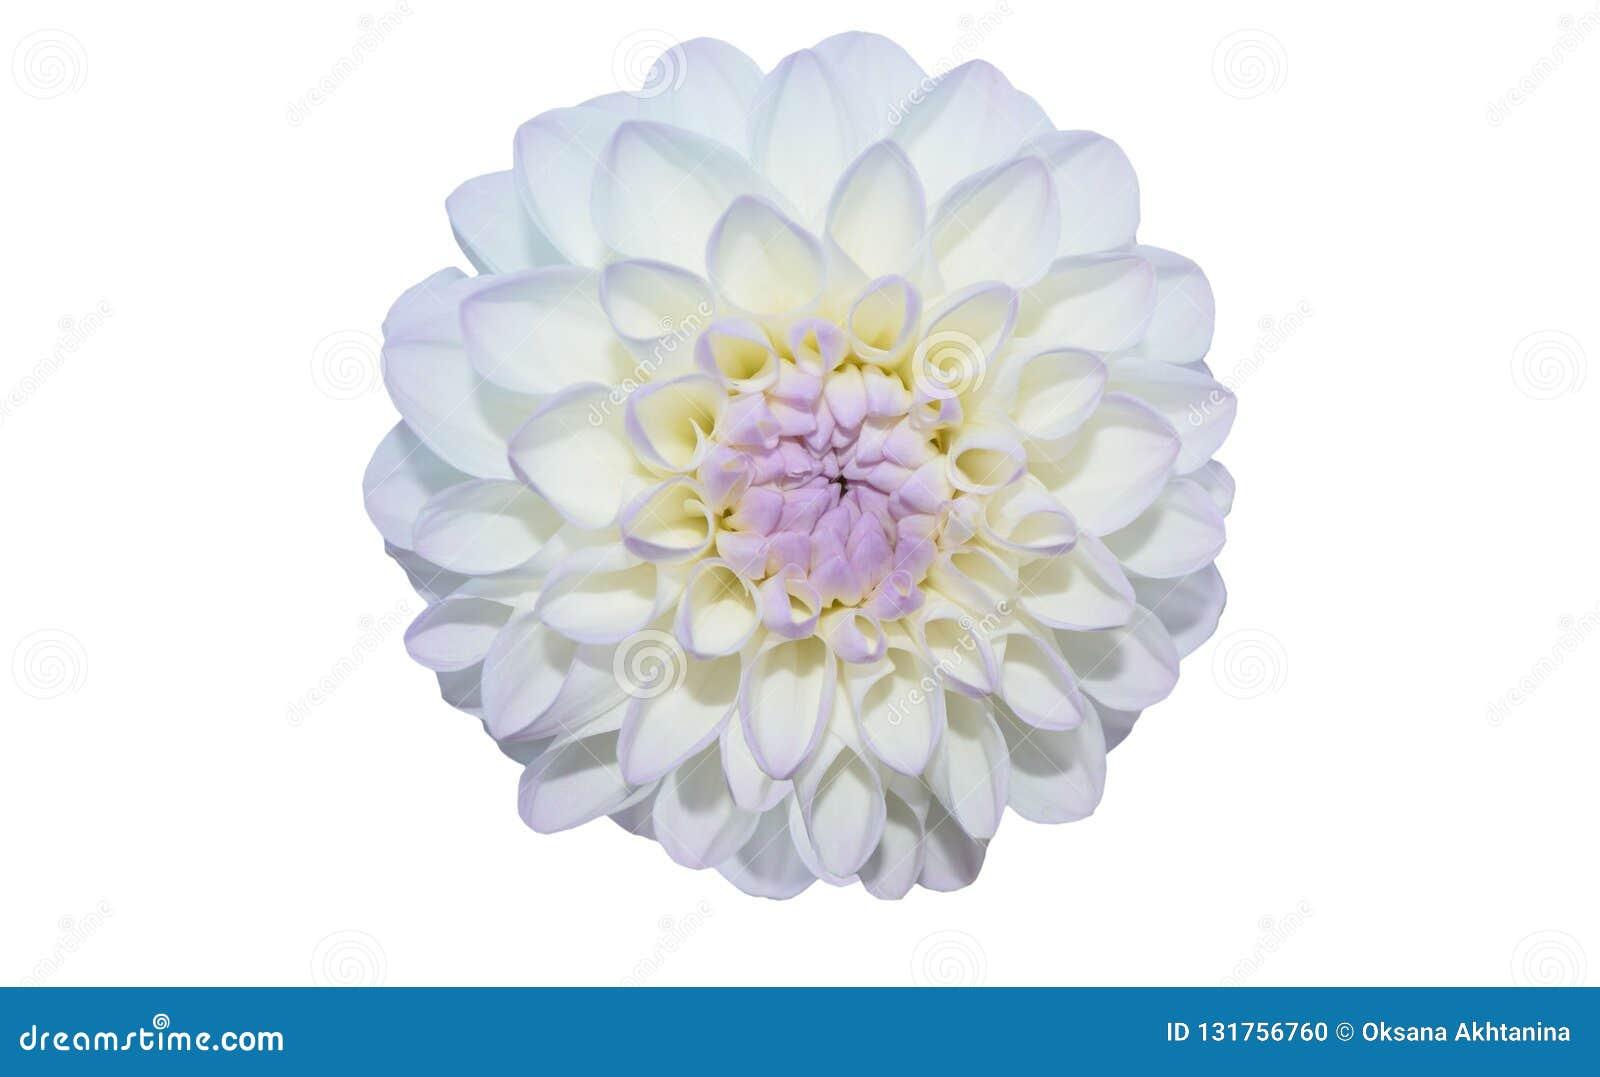 孤立的白色Gergina花关闭在白色背景